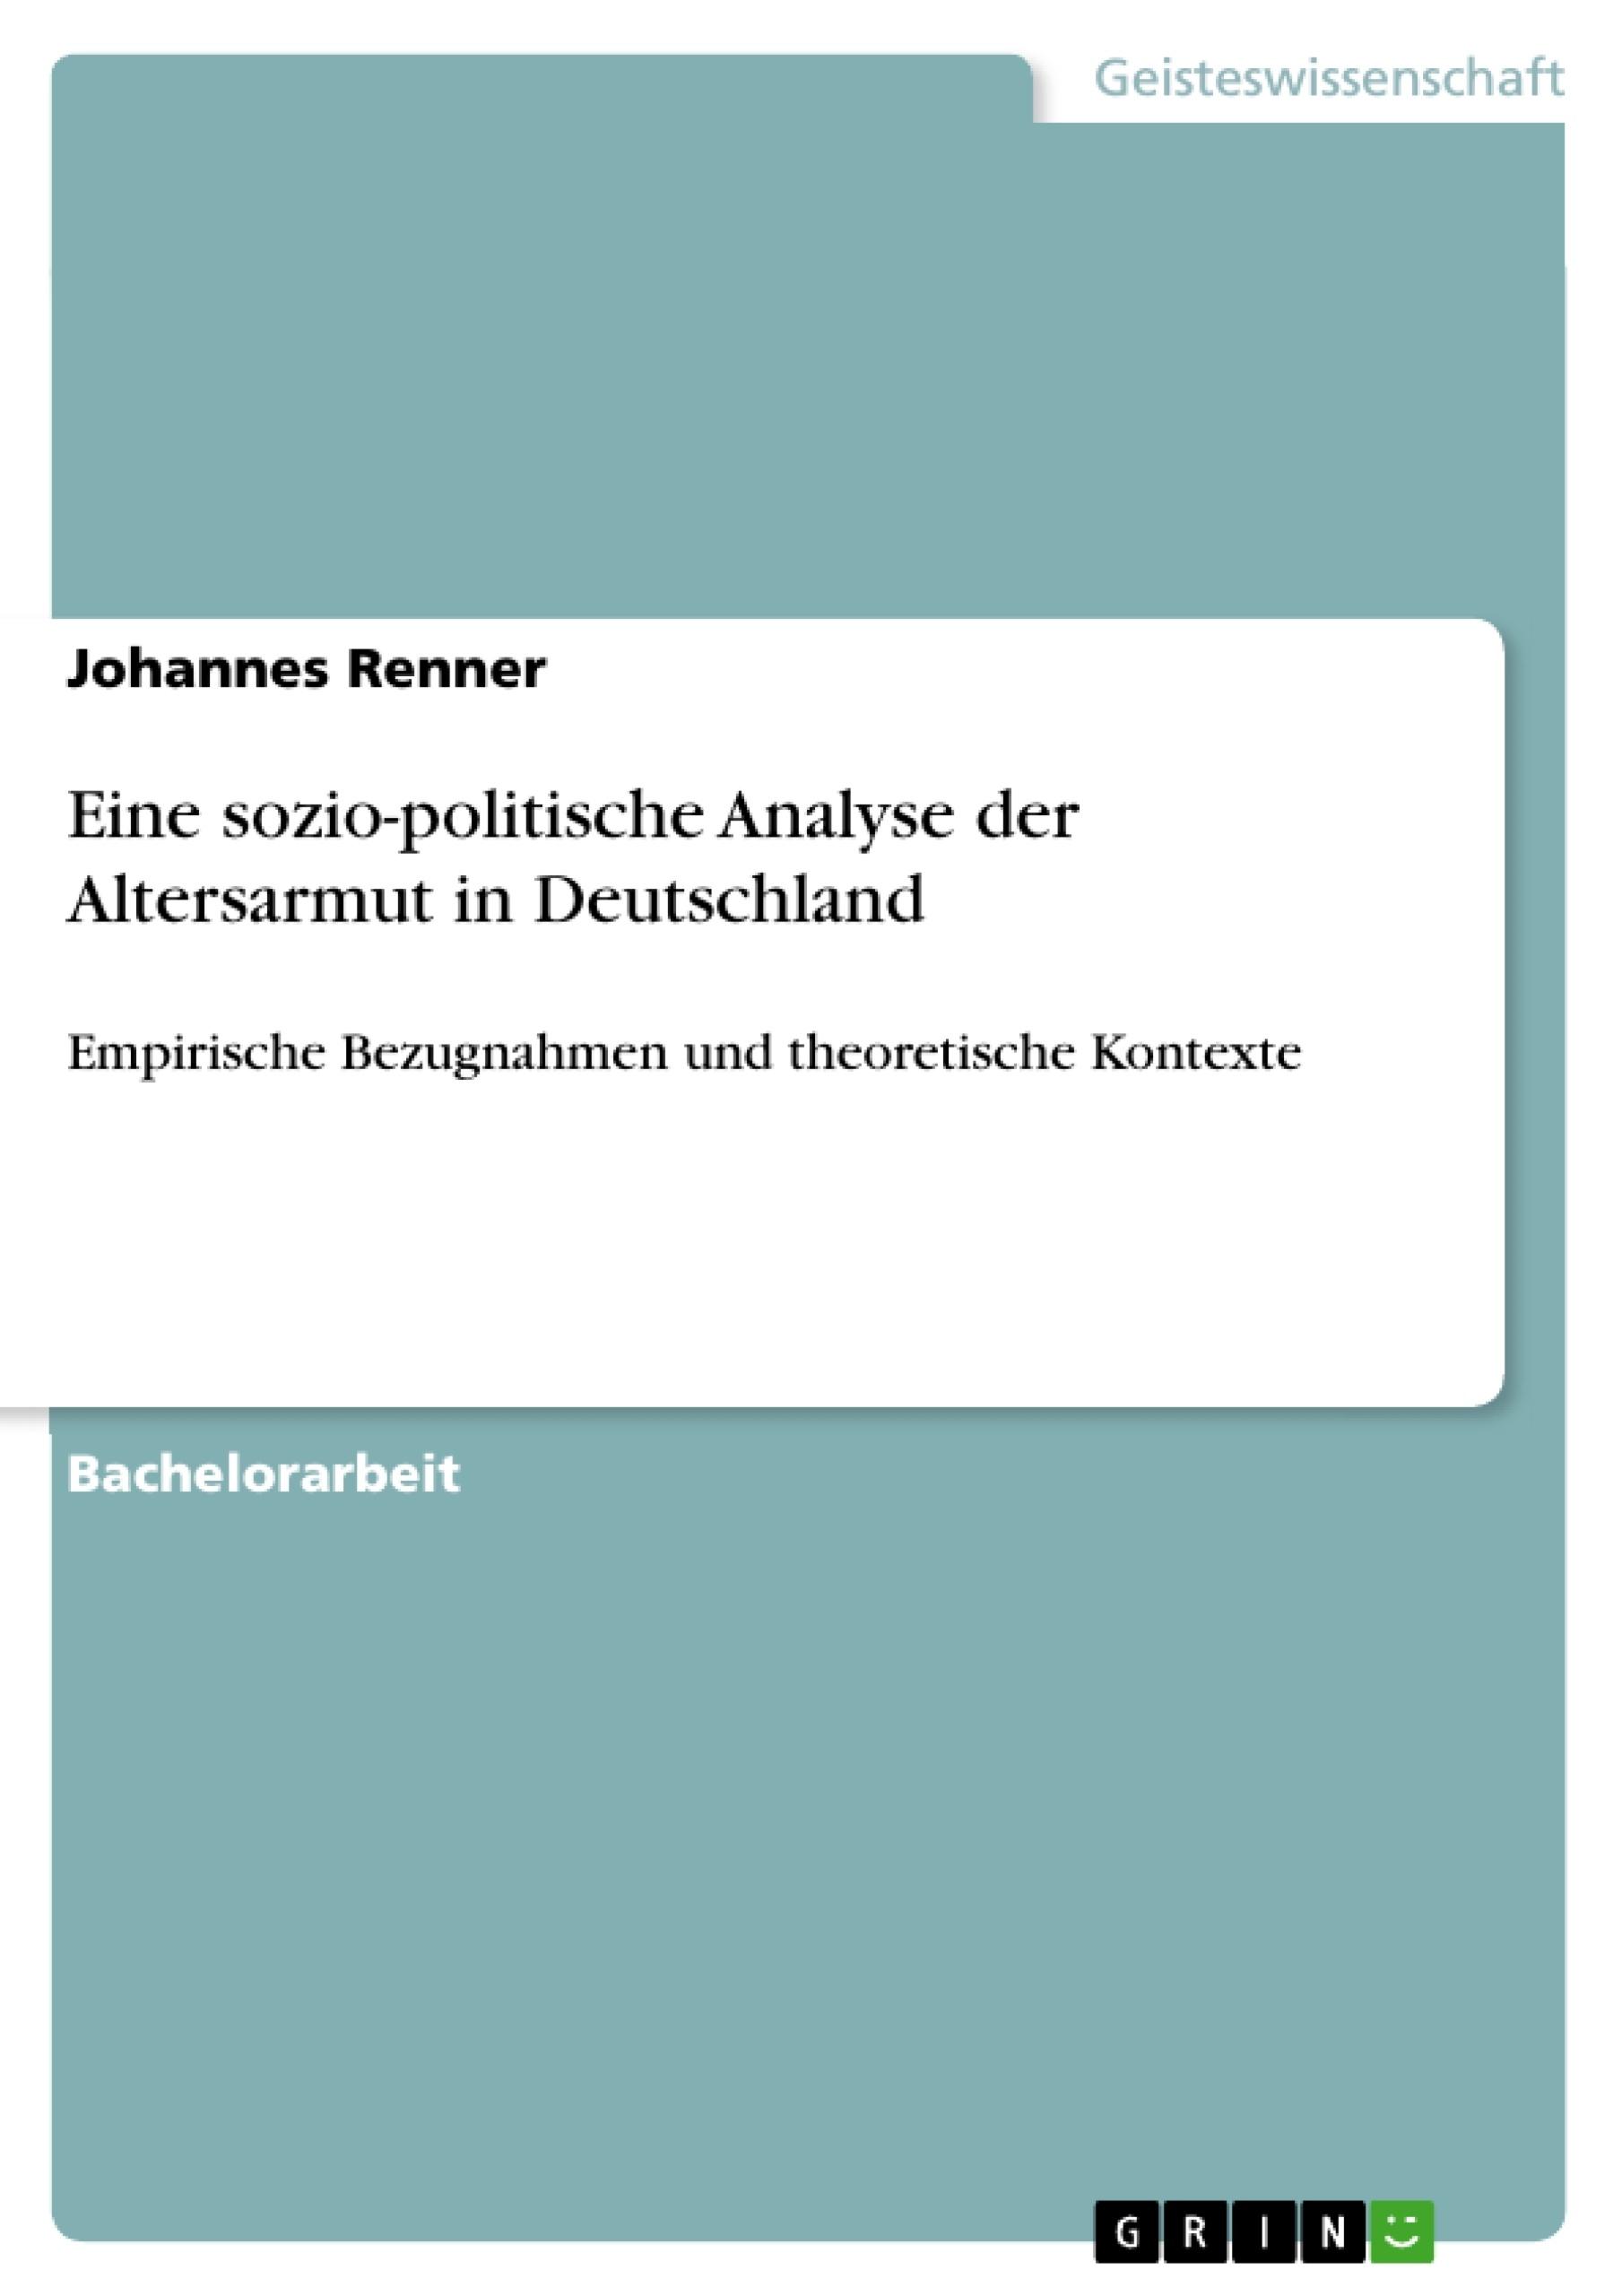 Titel: Eine sozio-politische Analyse der Altersarmut in Deutschland